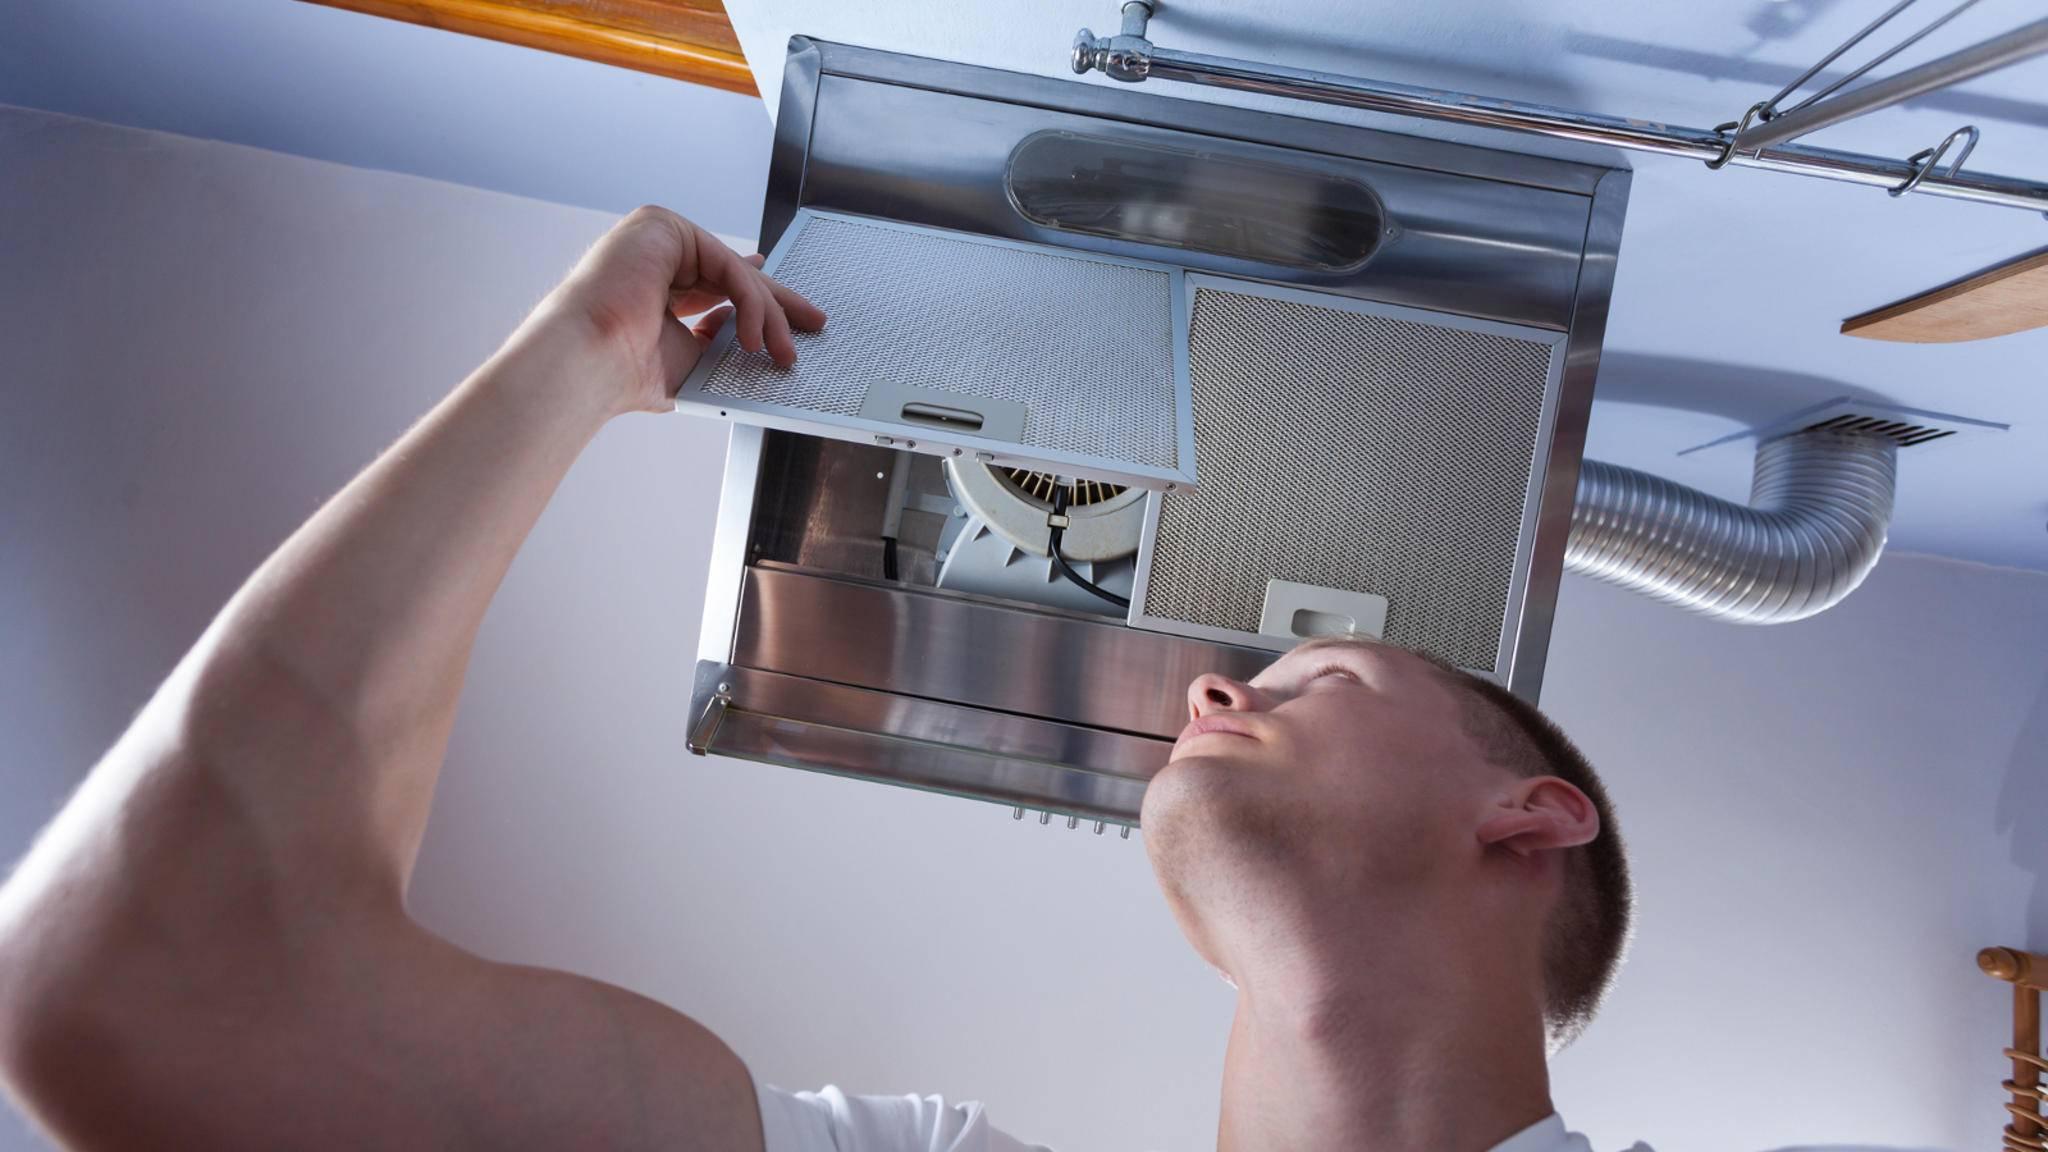 Dunstabzugshaube Reinigen Tipps Die Filter Co Glanzen Lassen